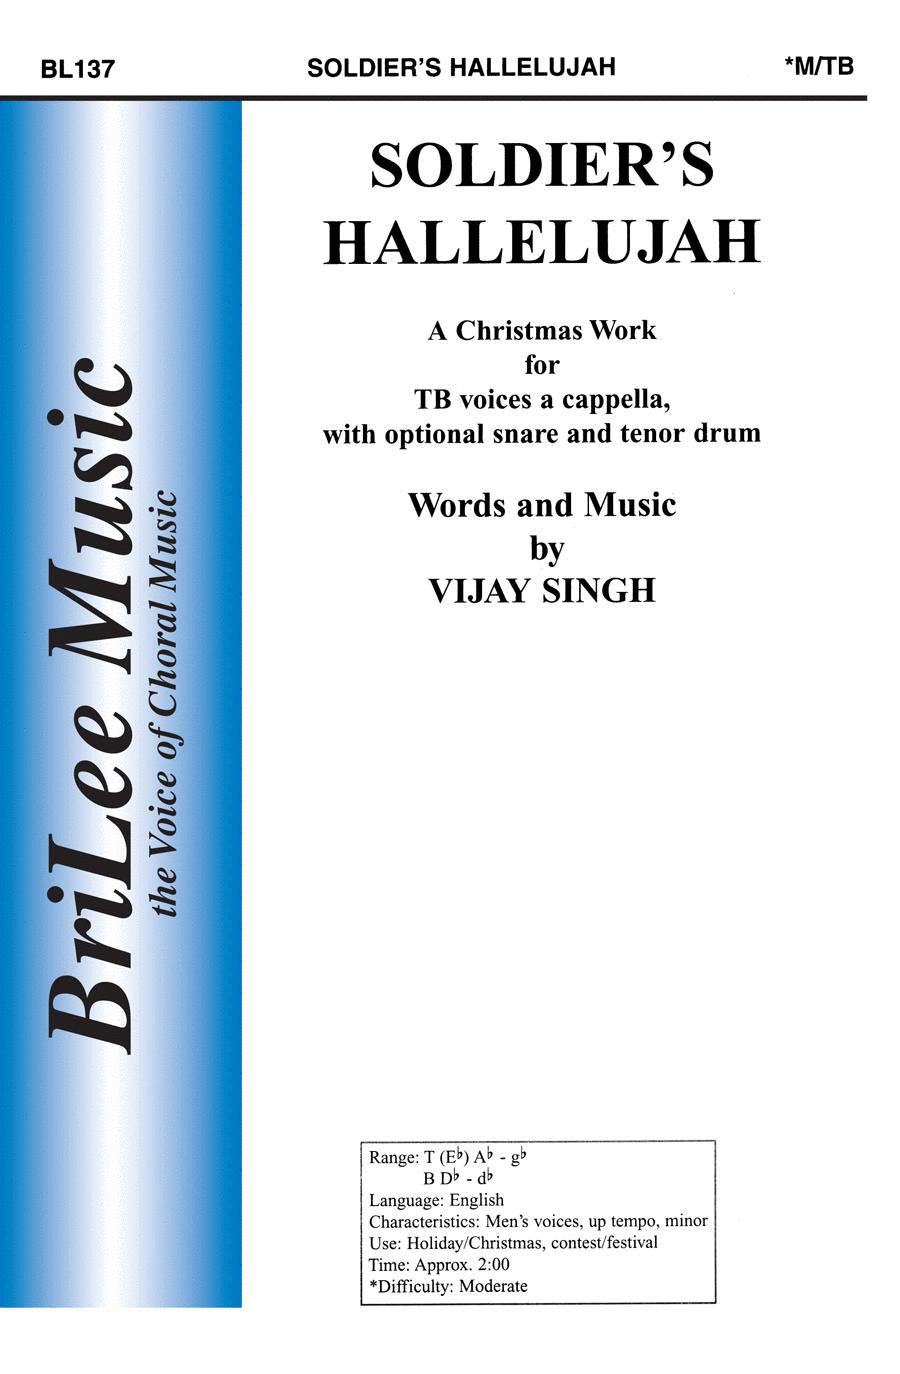 Soldier's Hallelujah